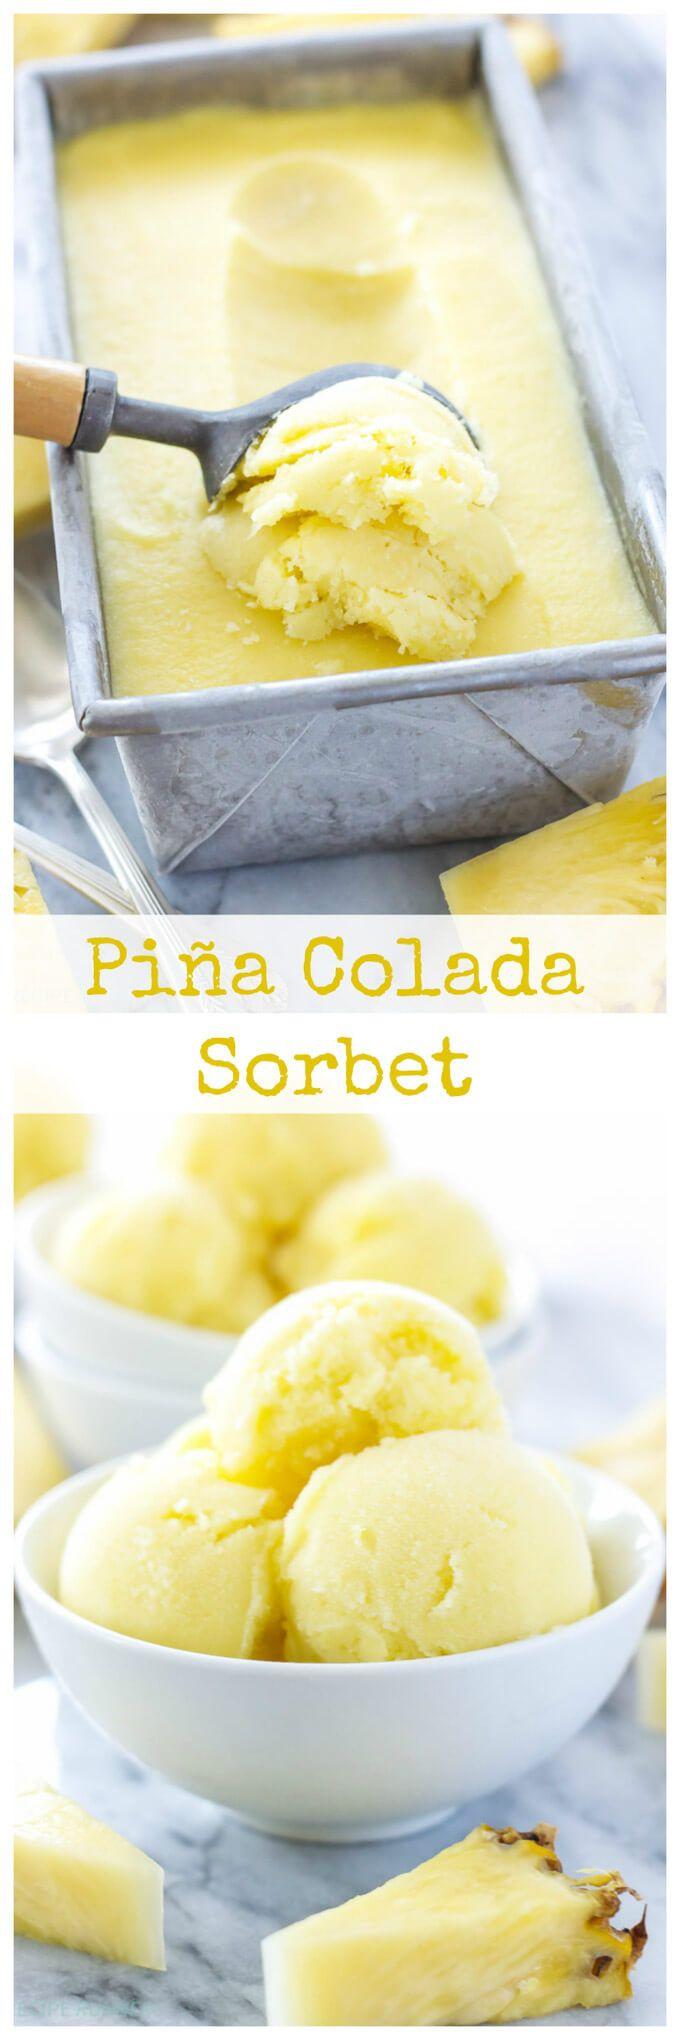 Piña Colada Sorbet - Turn your favorite tropical drink into a delicious frozen sorbet!